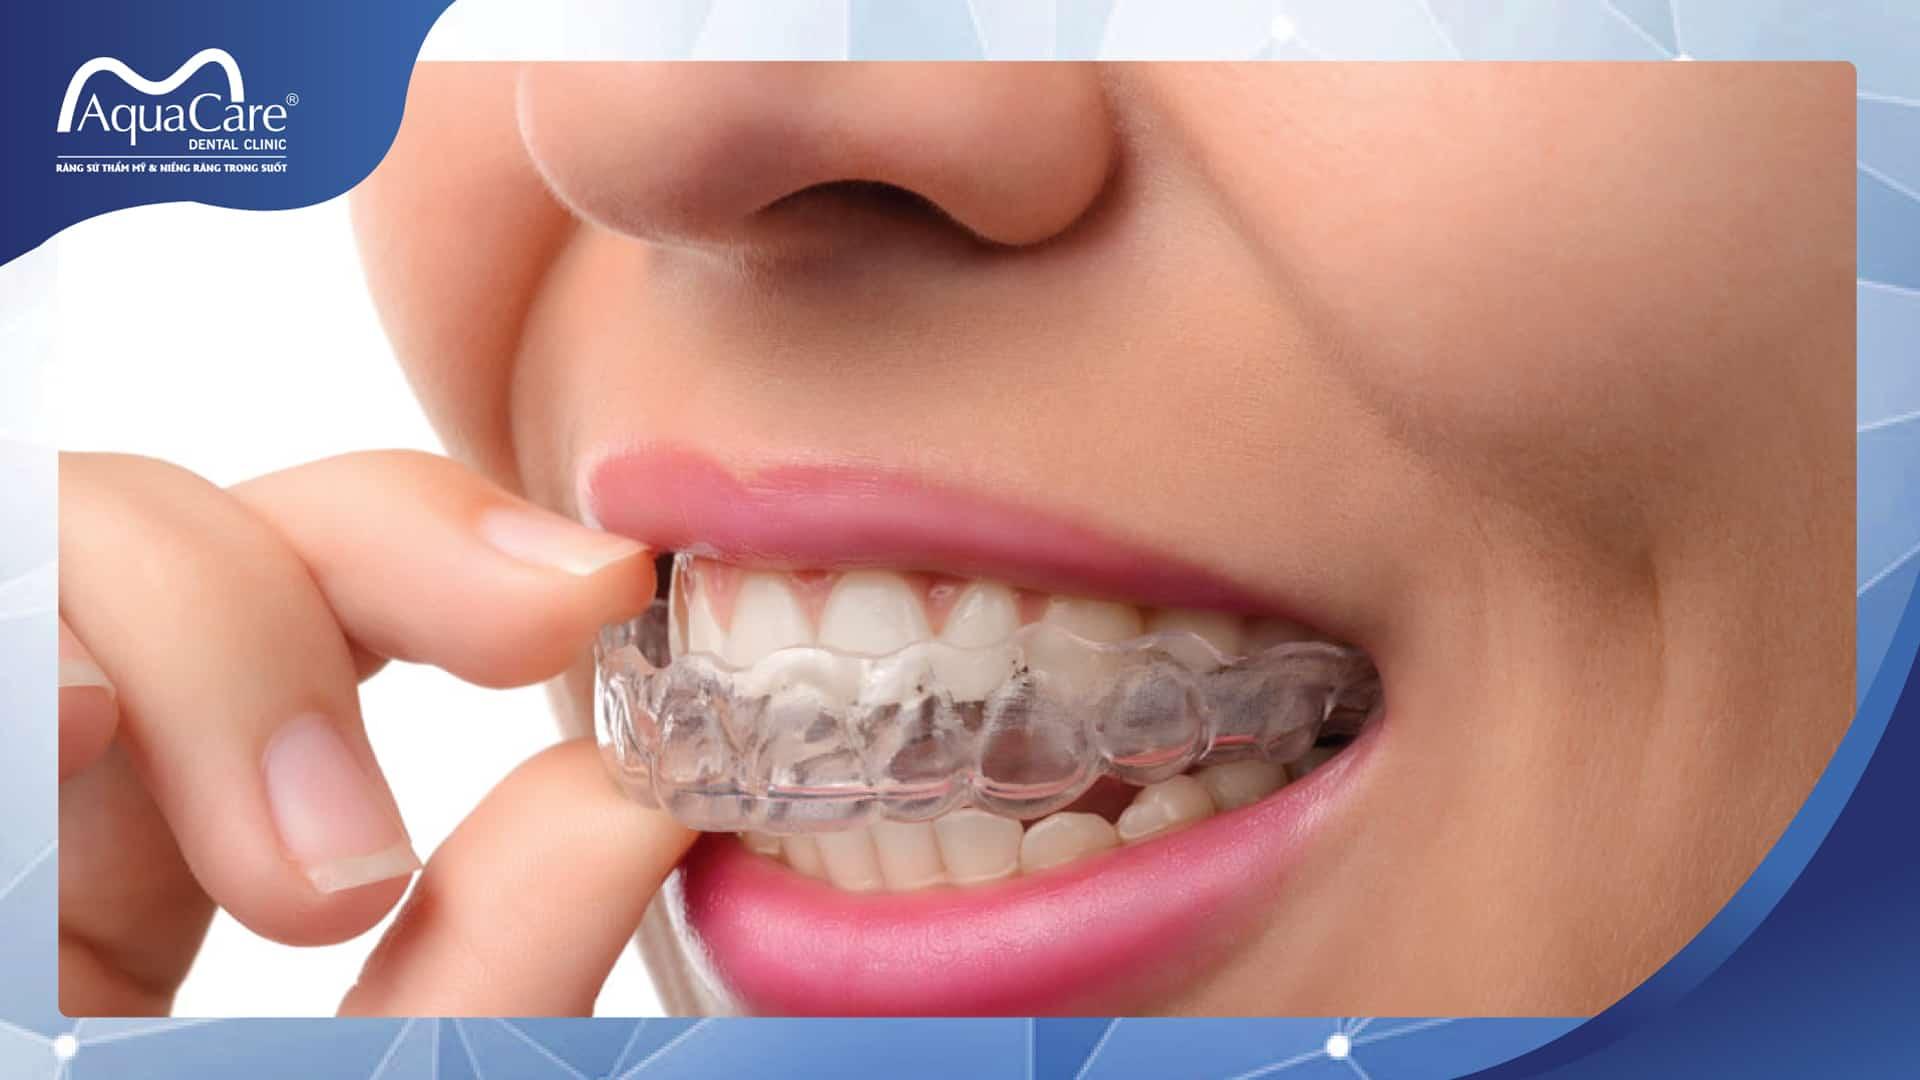 thuận tiện khi sử dụng niềng răng không mắc cài